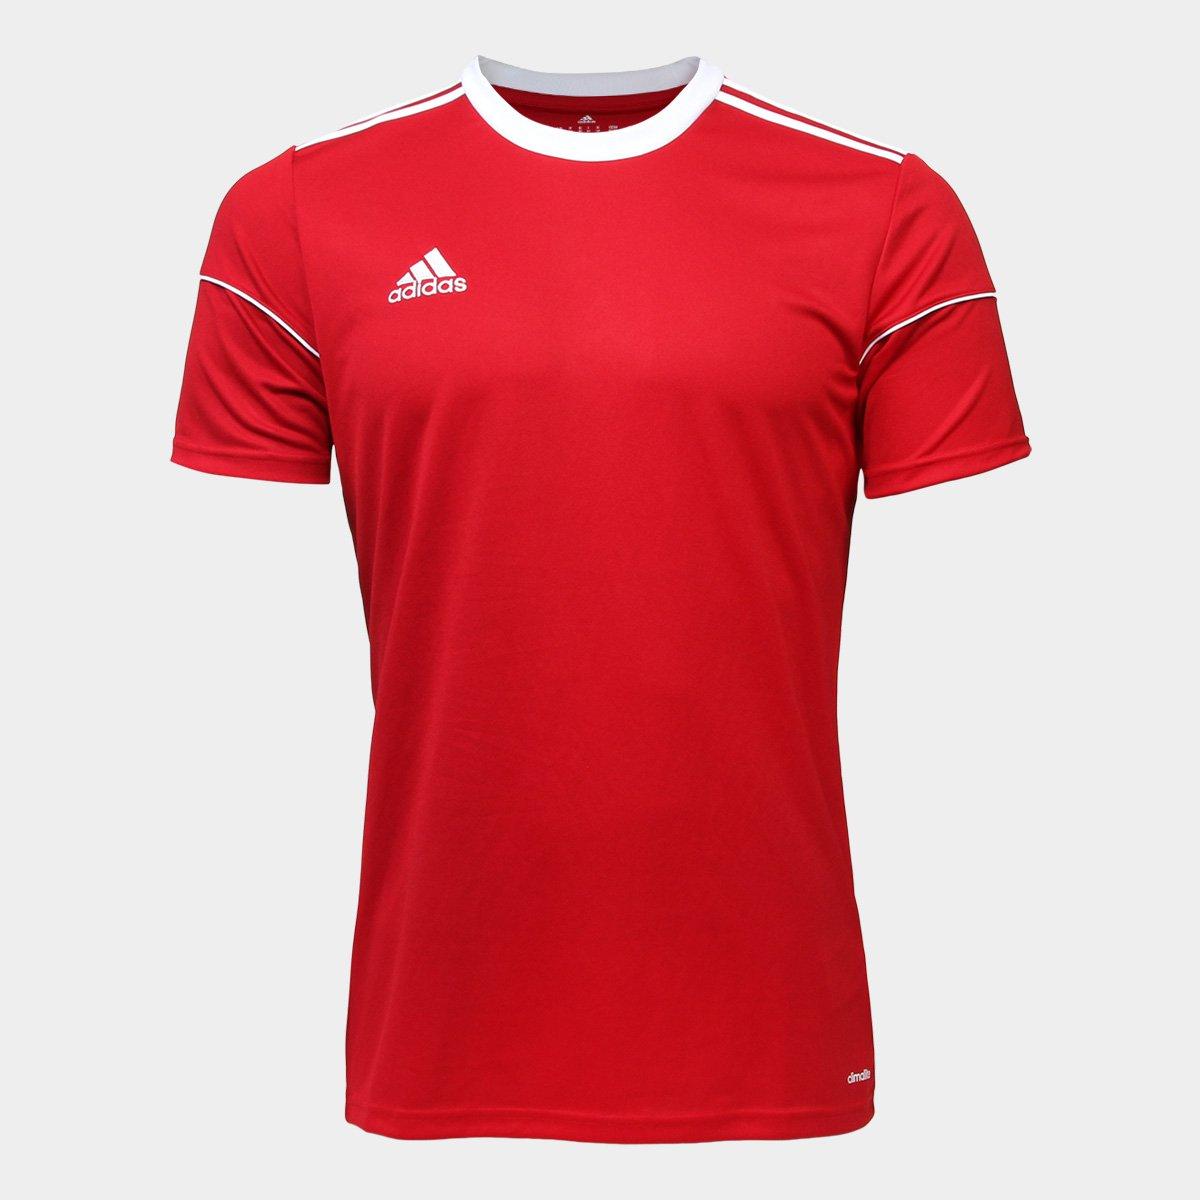 79da2ca2fe ... Camisa Adidas Squadra 17 Masculina - Compre Agora Netshoes  90f9e5b08818a0 ...